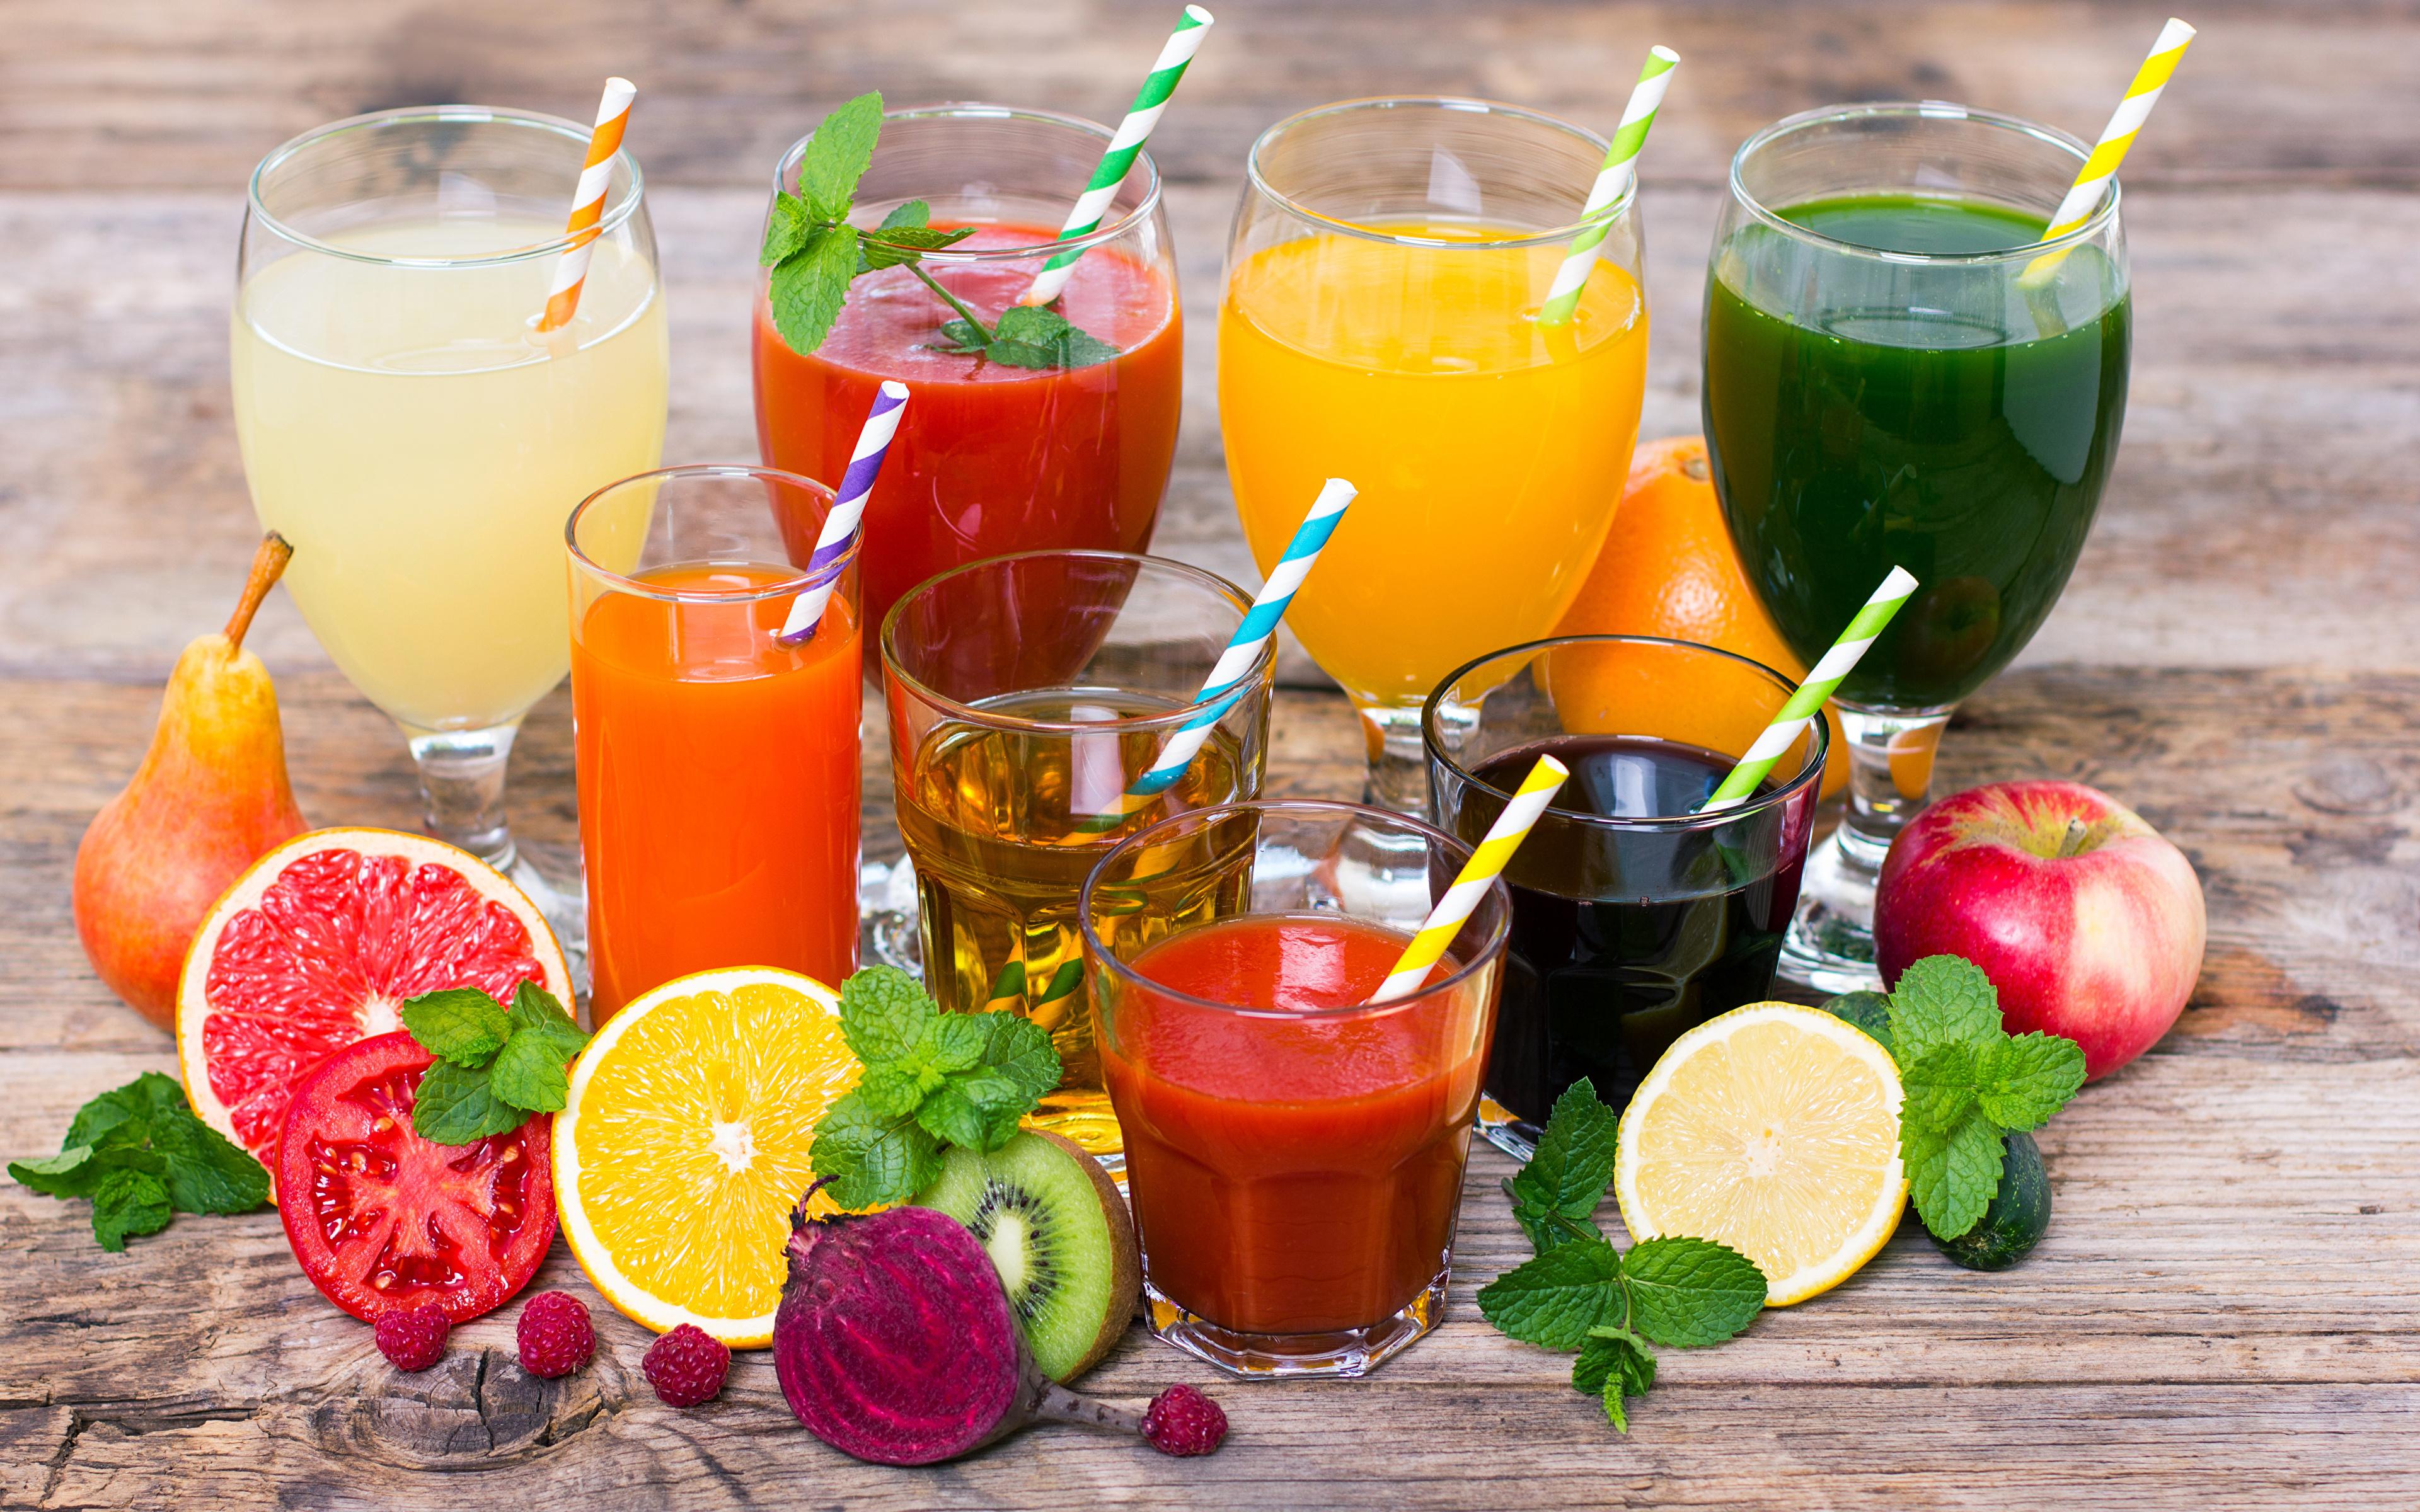 Фотография Сок Яблоки стакана Еда Овощи Фрукты Бокалы Доски Напитки 3840x2400 Стакан стакане Пища бокал Продукты питания напиток